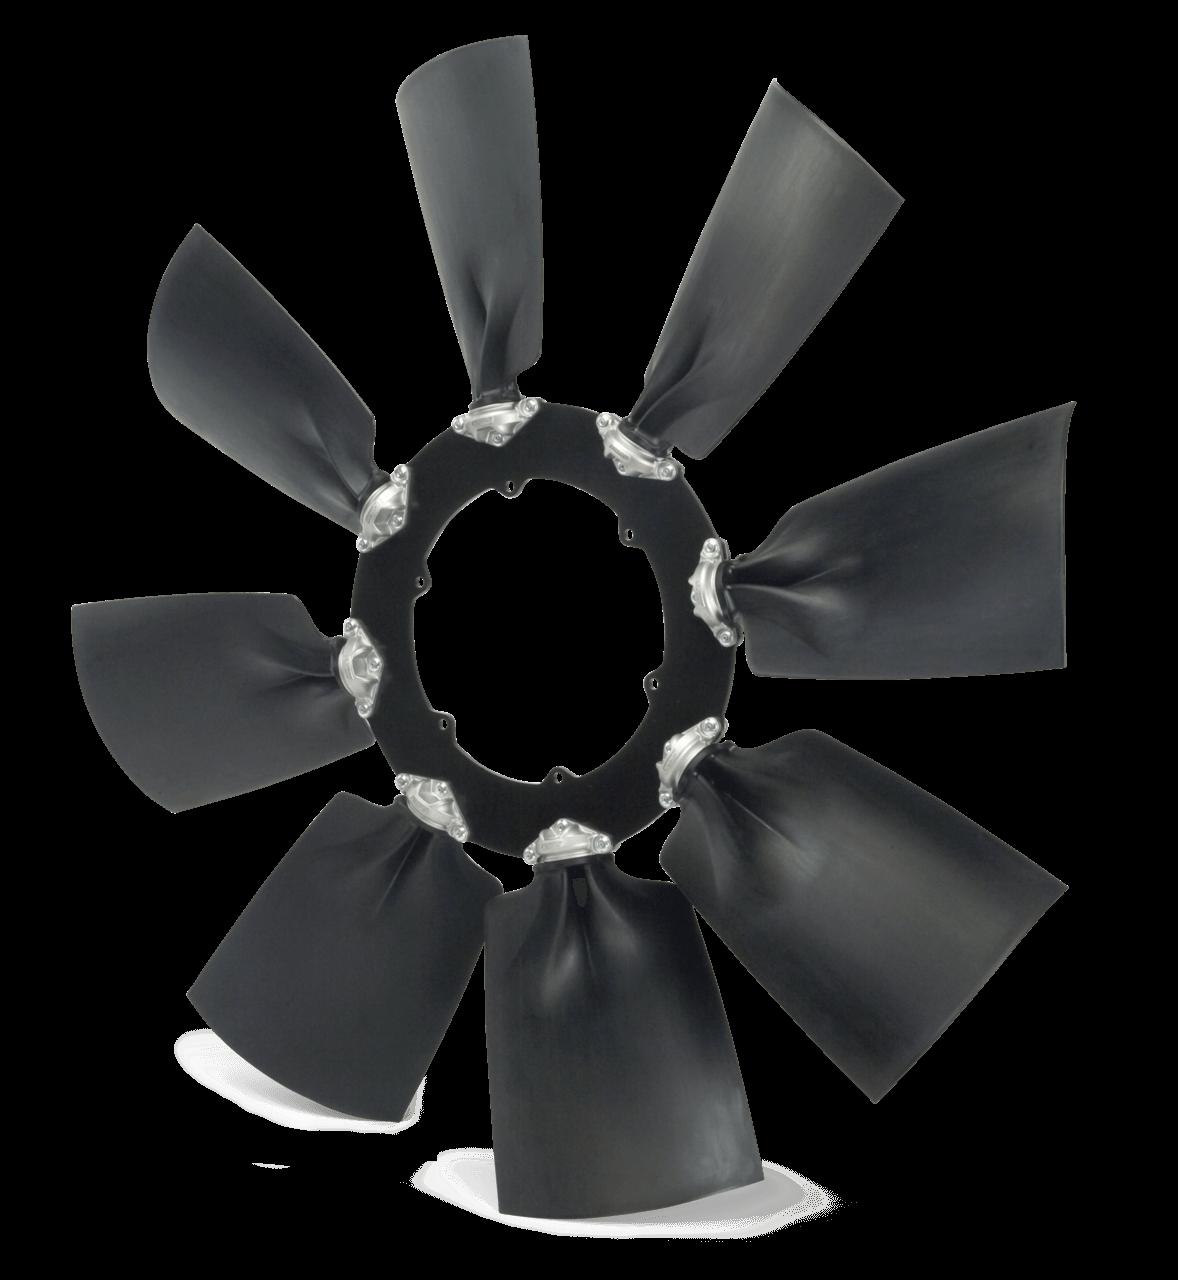 engine cooling fan [ 1178 x 1280 Pixel ]